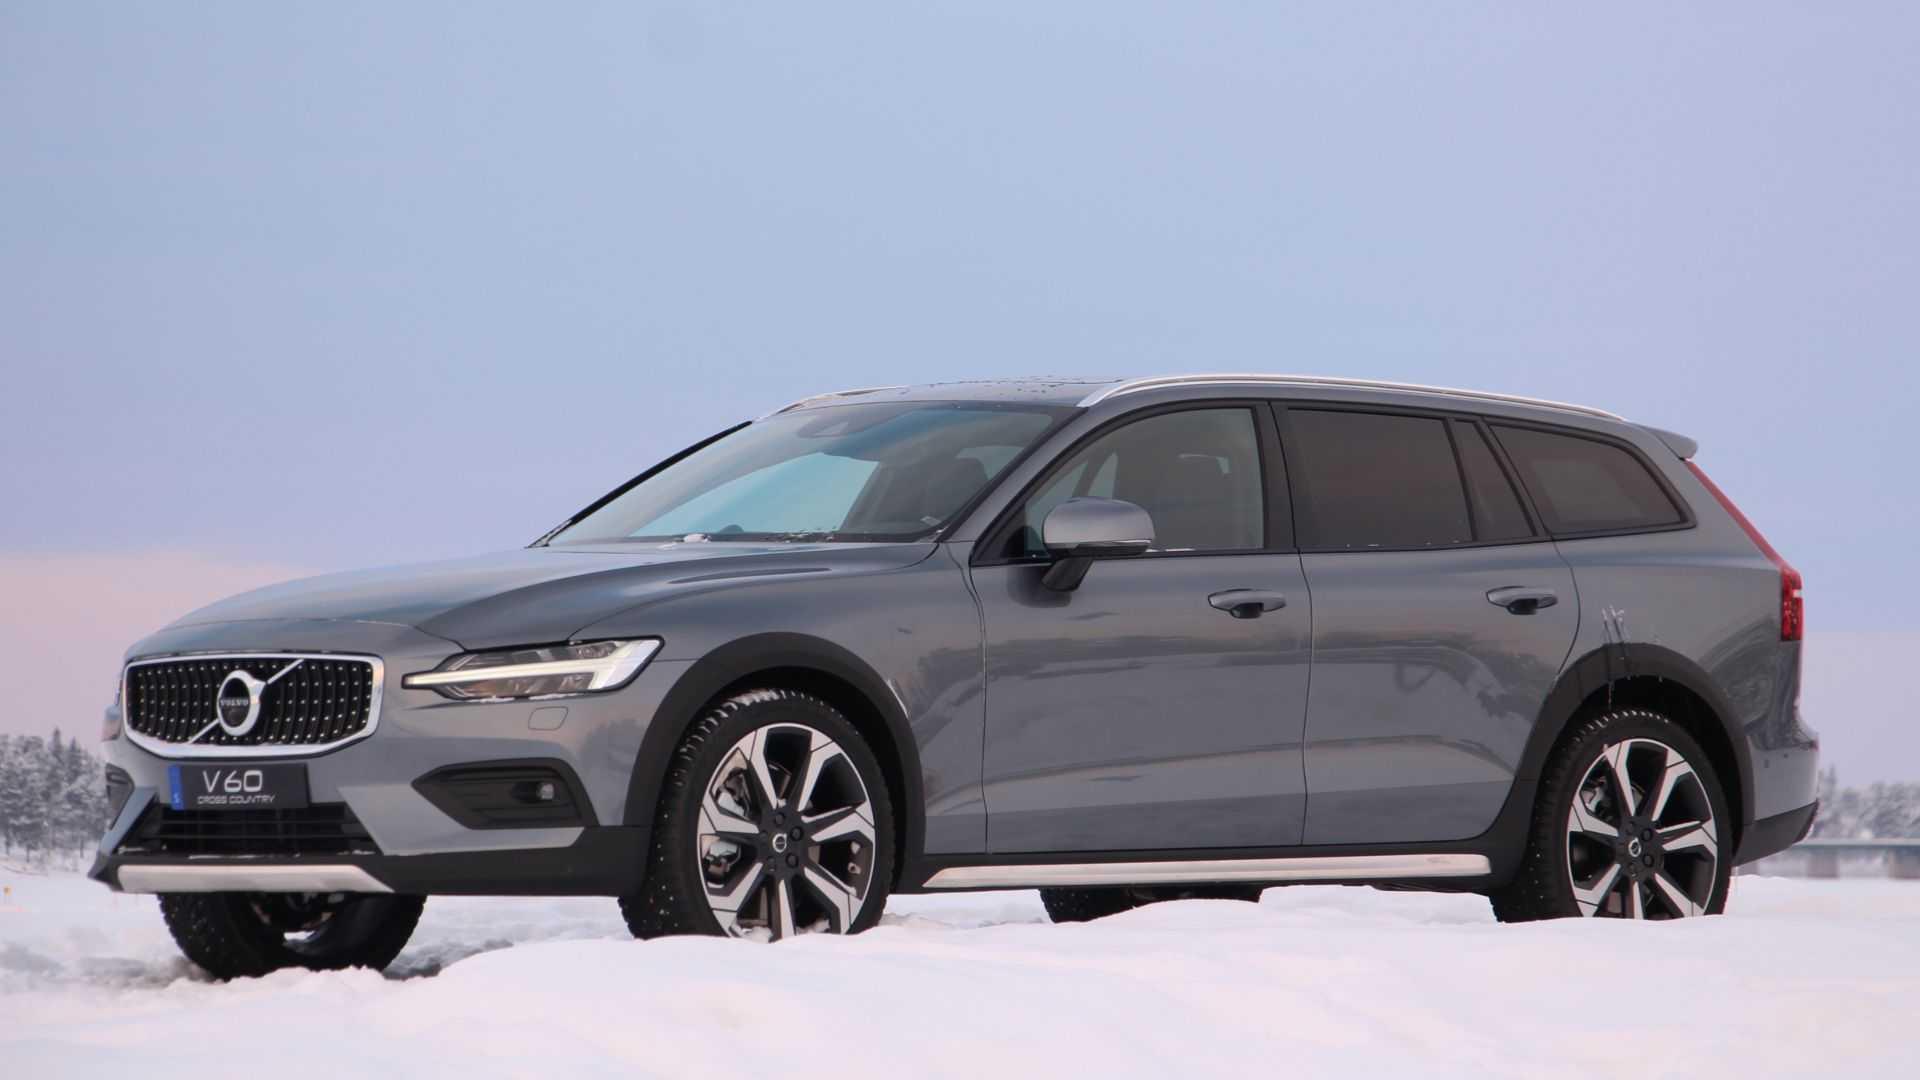 77 All New Volvo V60 2020 Ratings for Volvo V60 2020